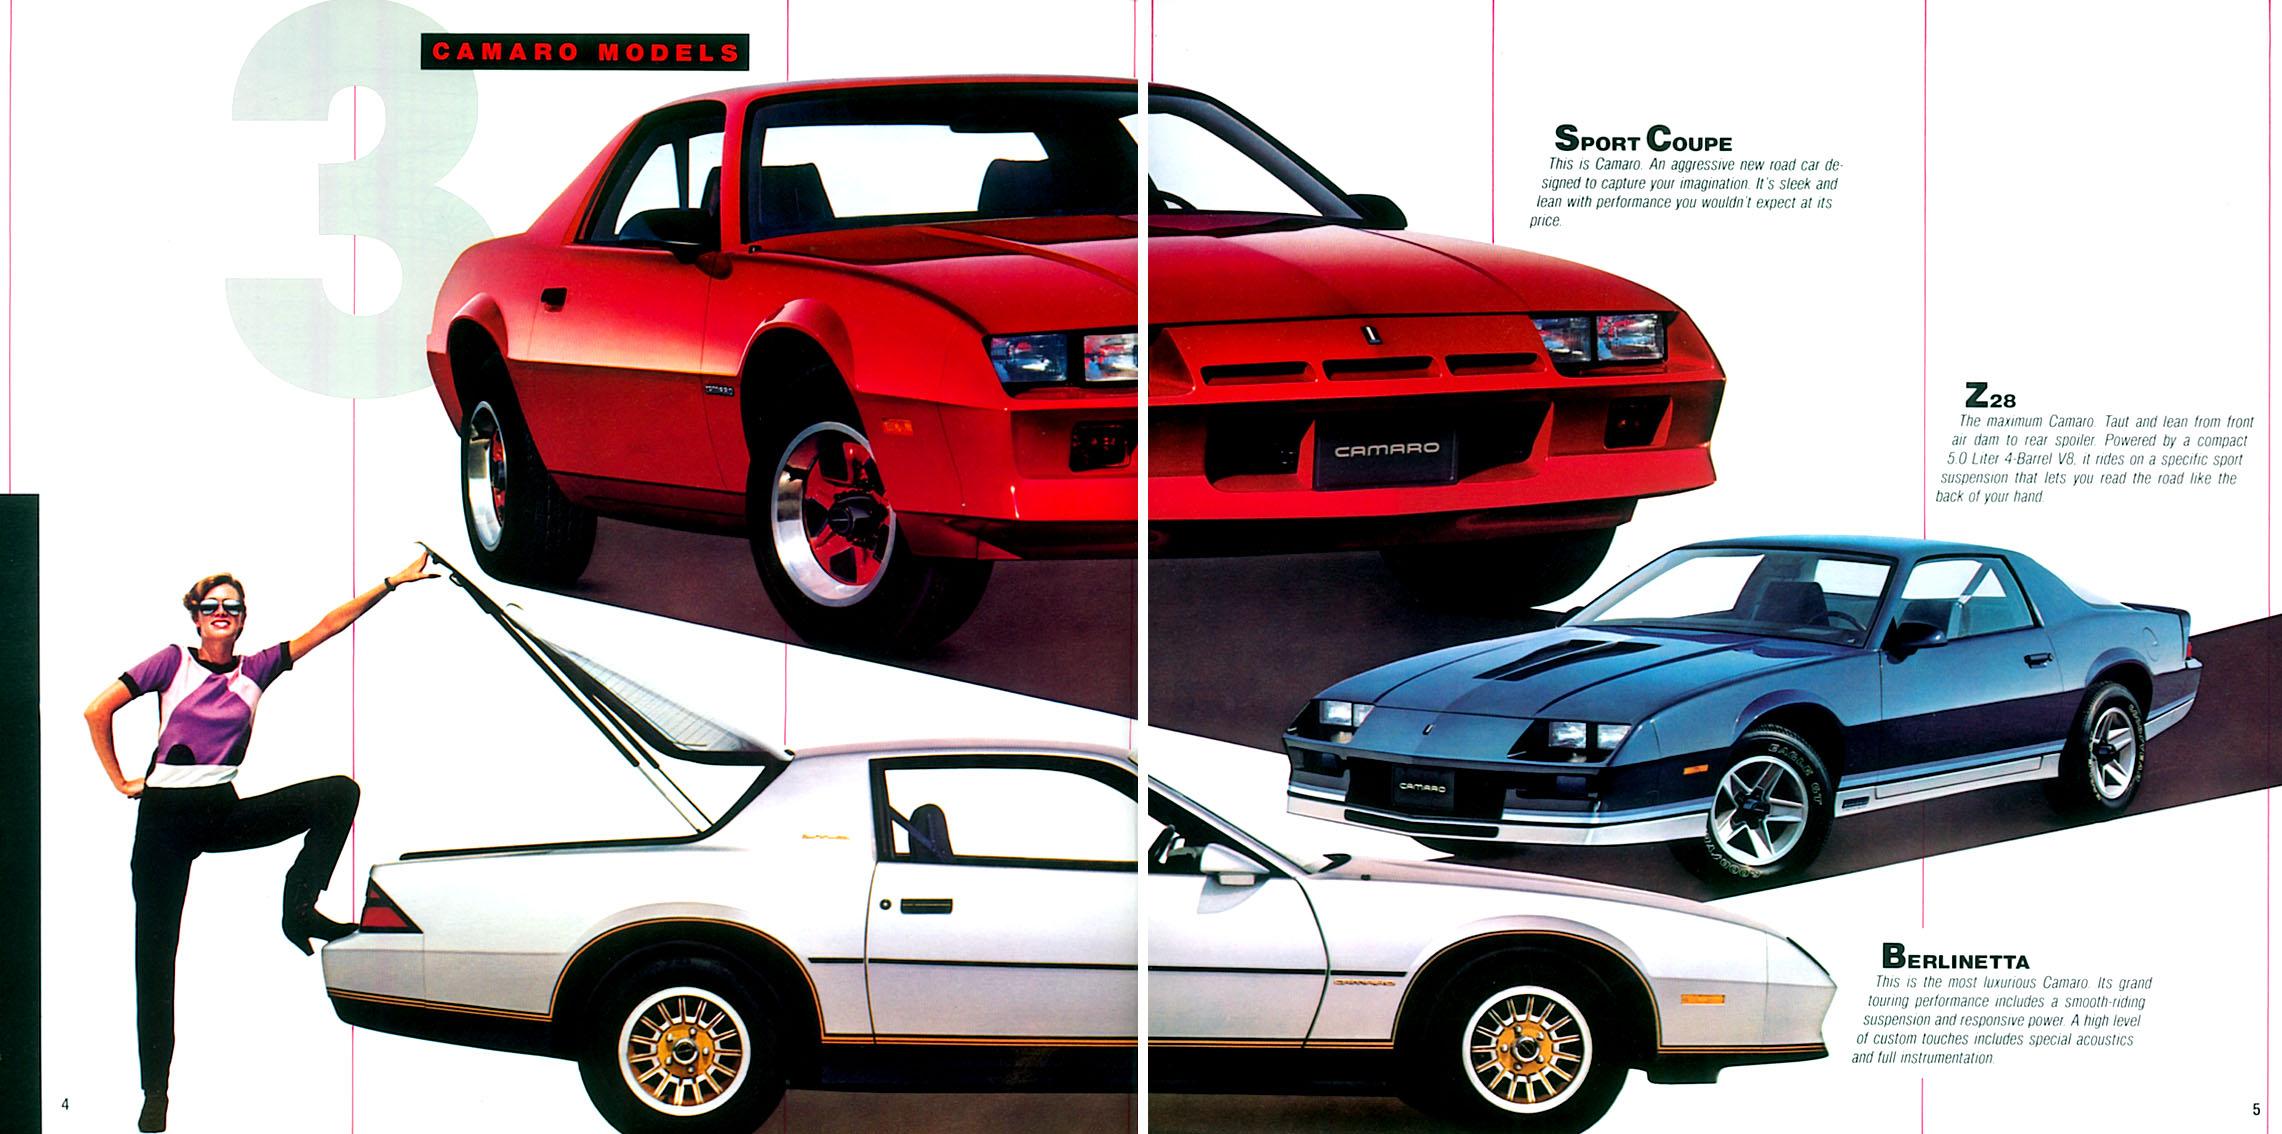 1982 Camaro OEM Brochure (3)